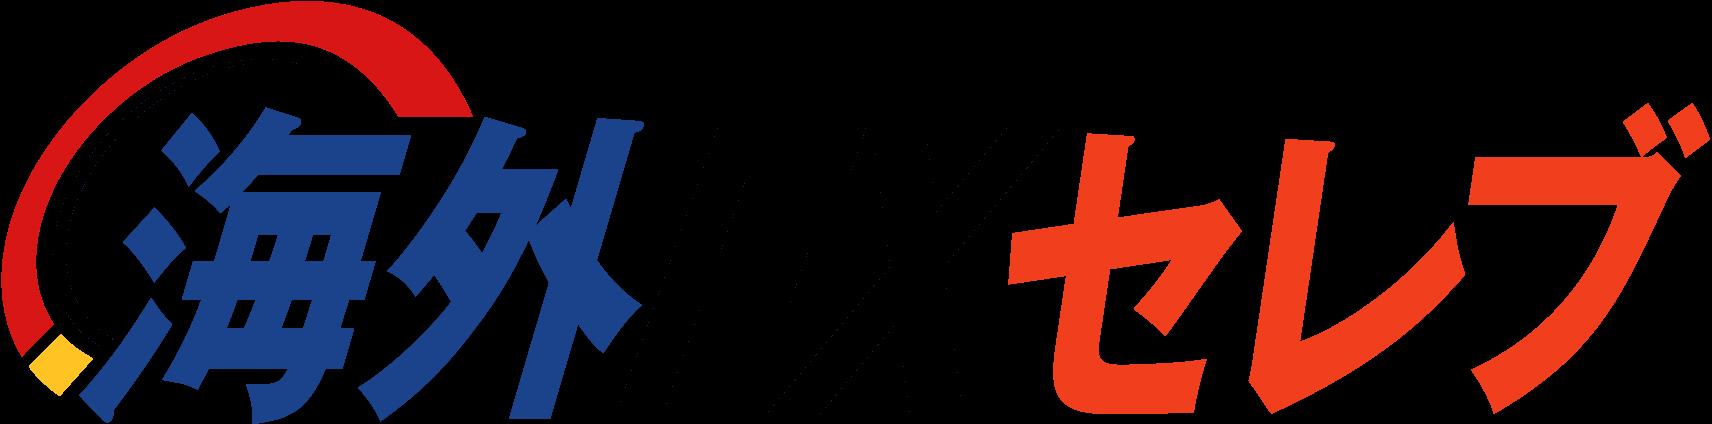 海外FXで稼げるおすすめ業者ランキング全20社【2021年4月最新版】/海外FXセレブ